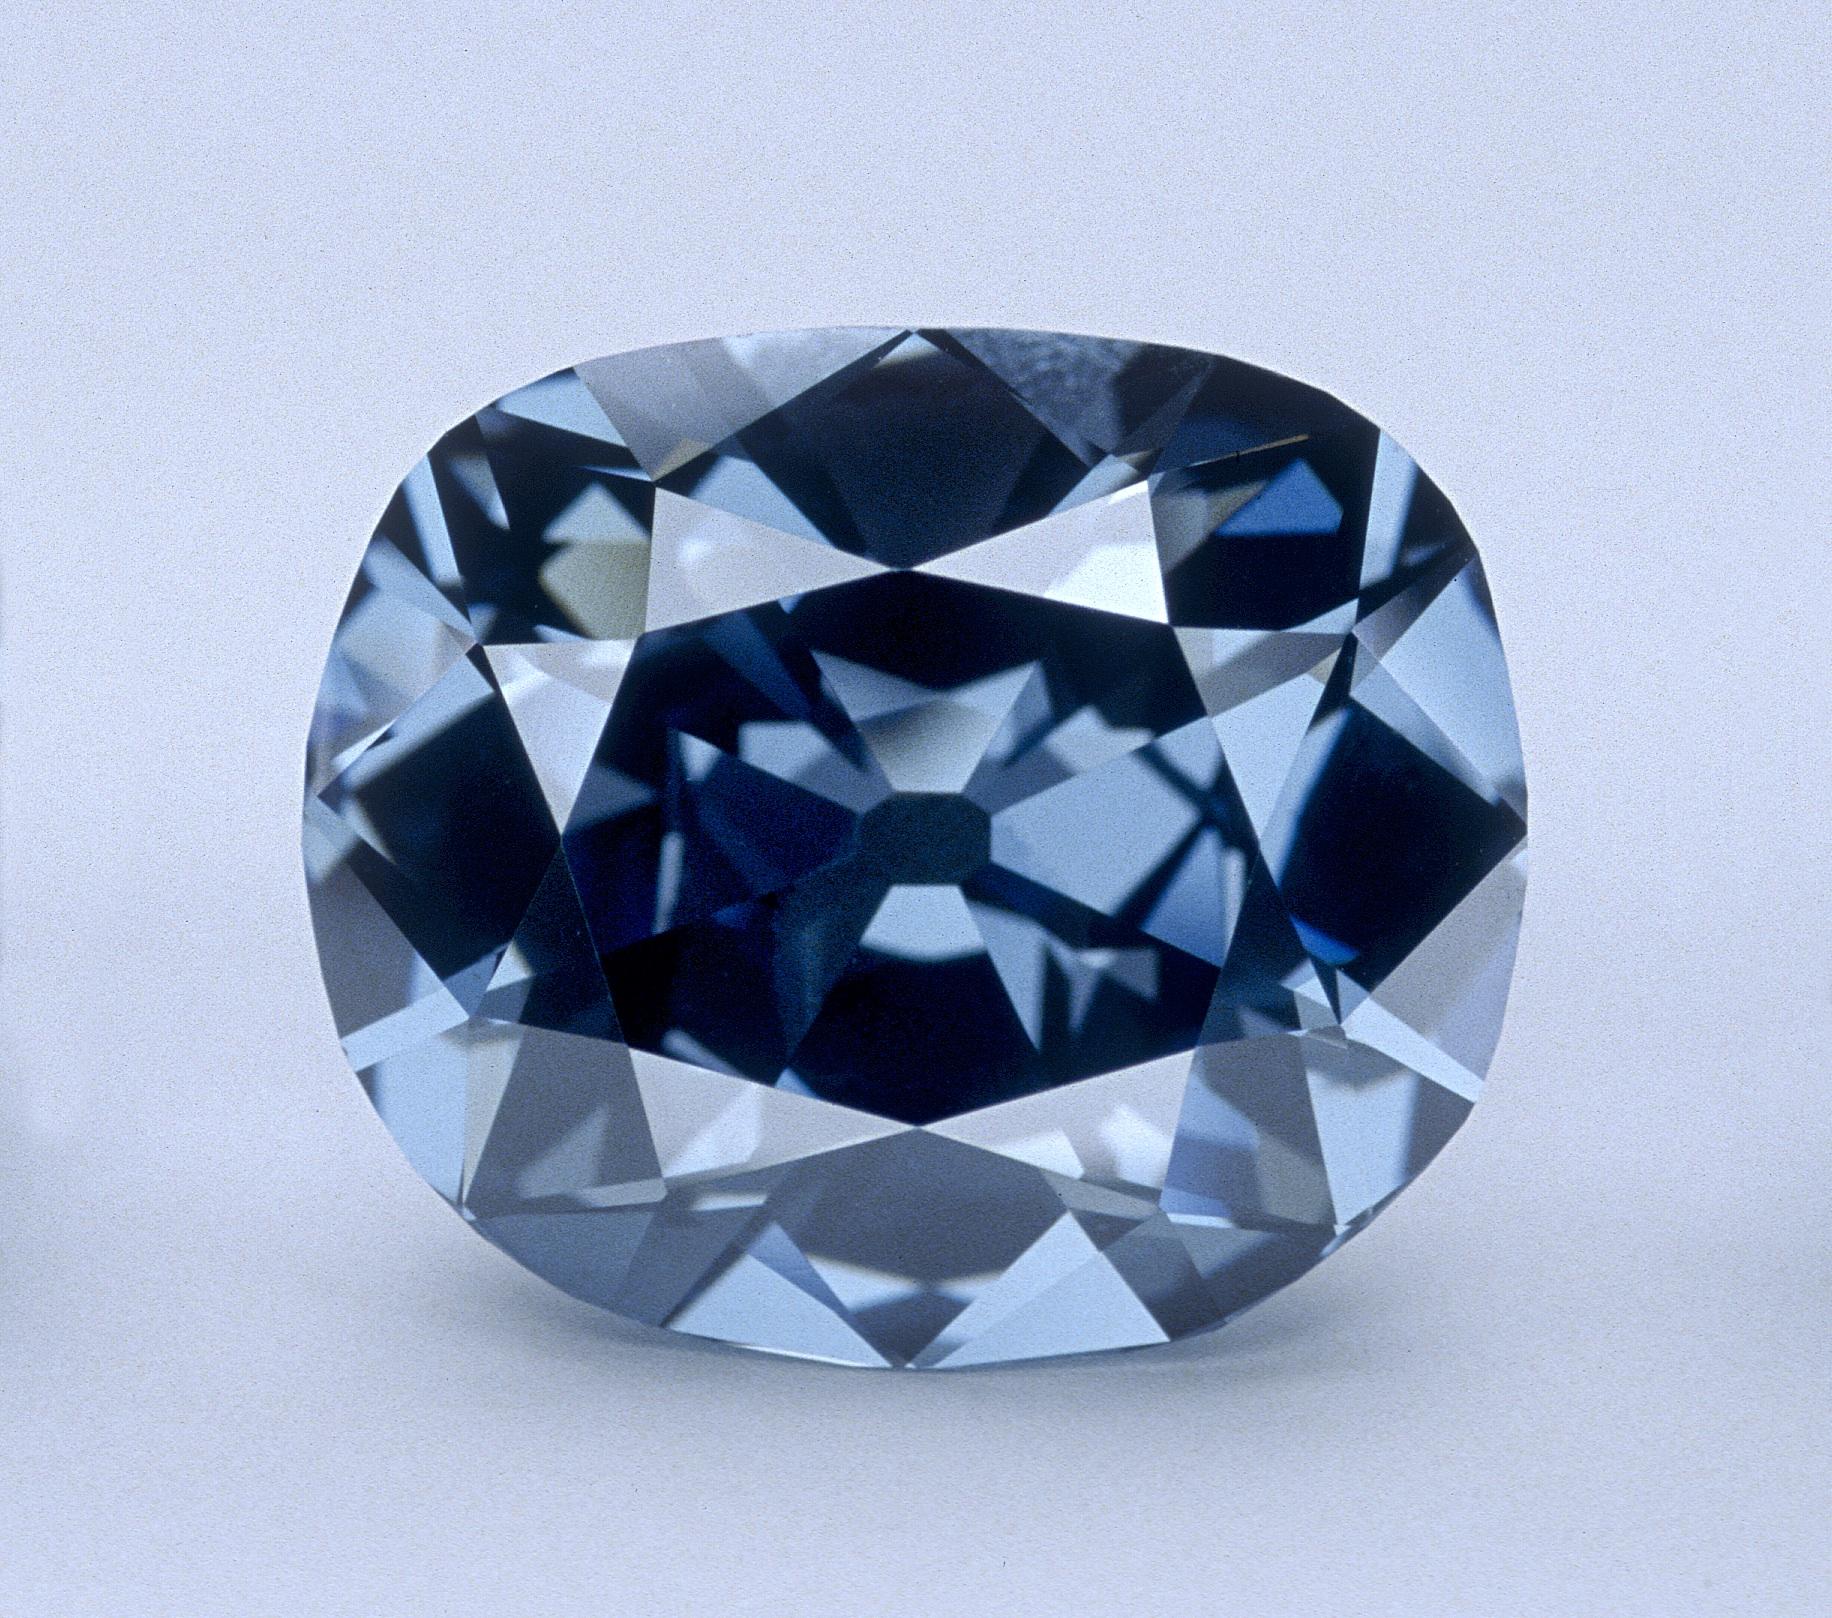 יהלום הופ